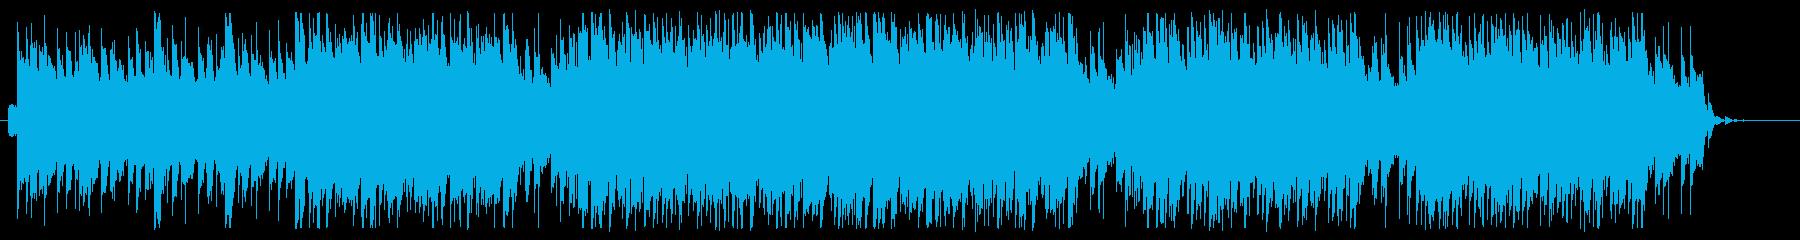 Vlogなどに合うトロピカルハウスの再生済みの波形